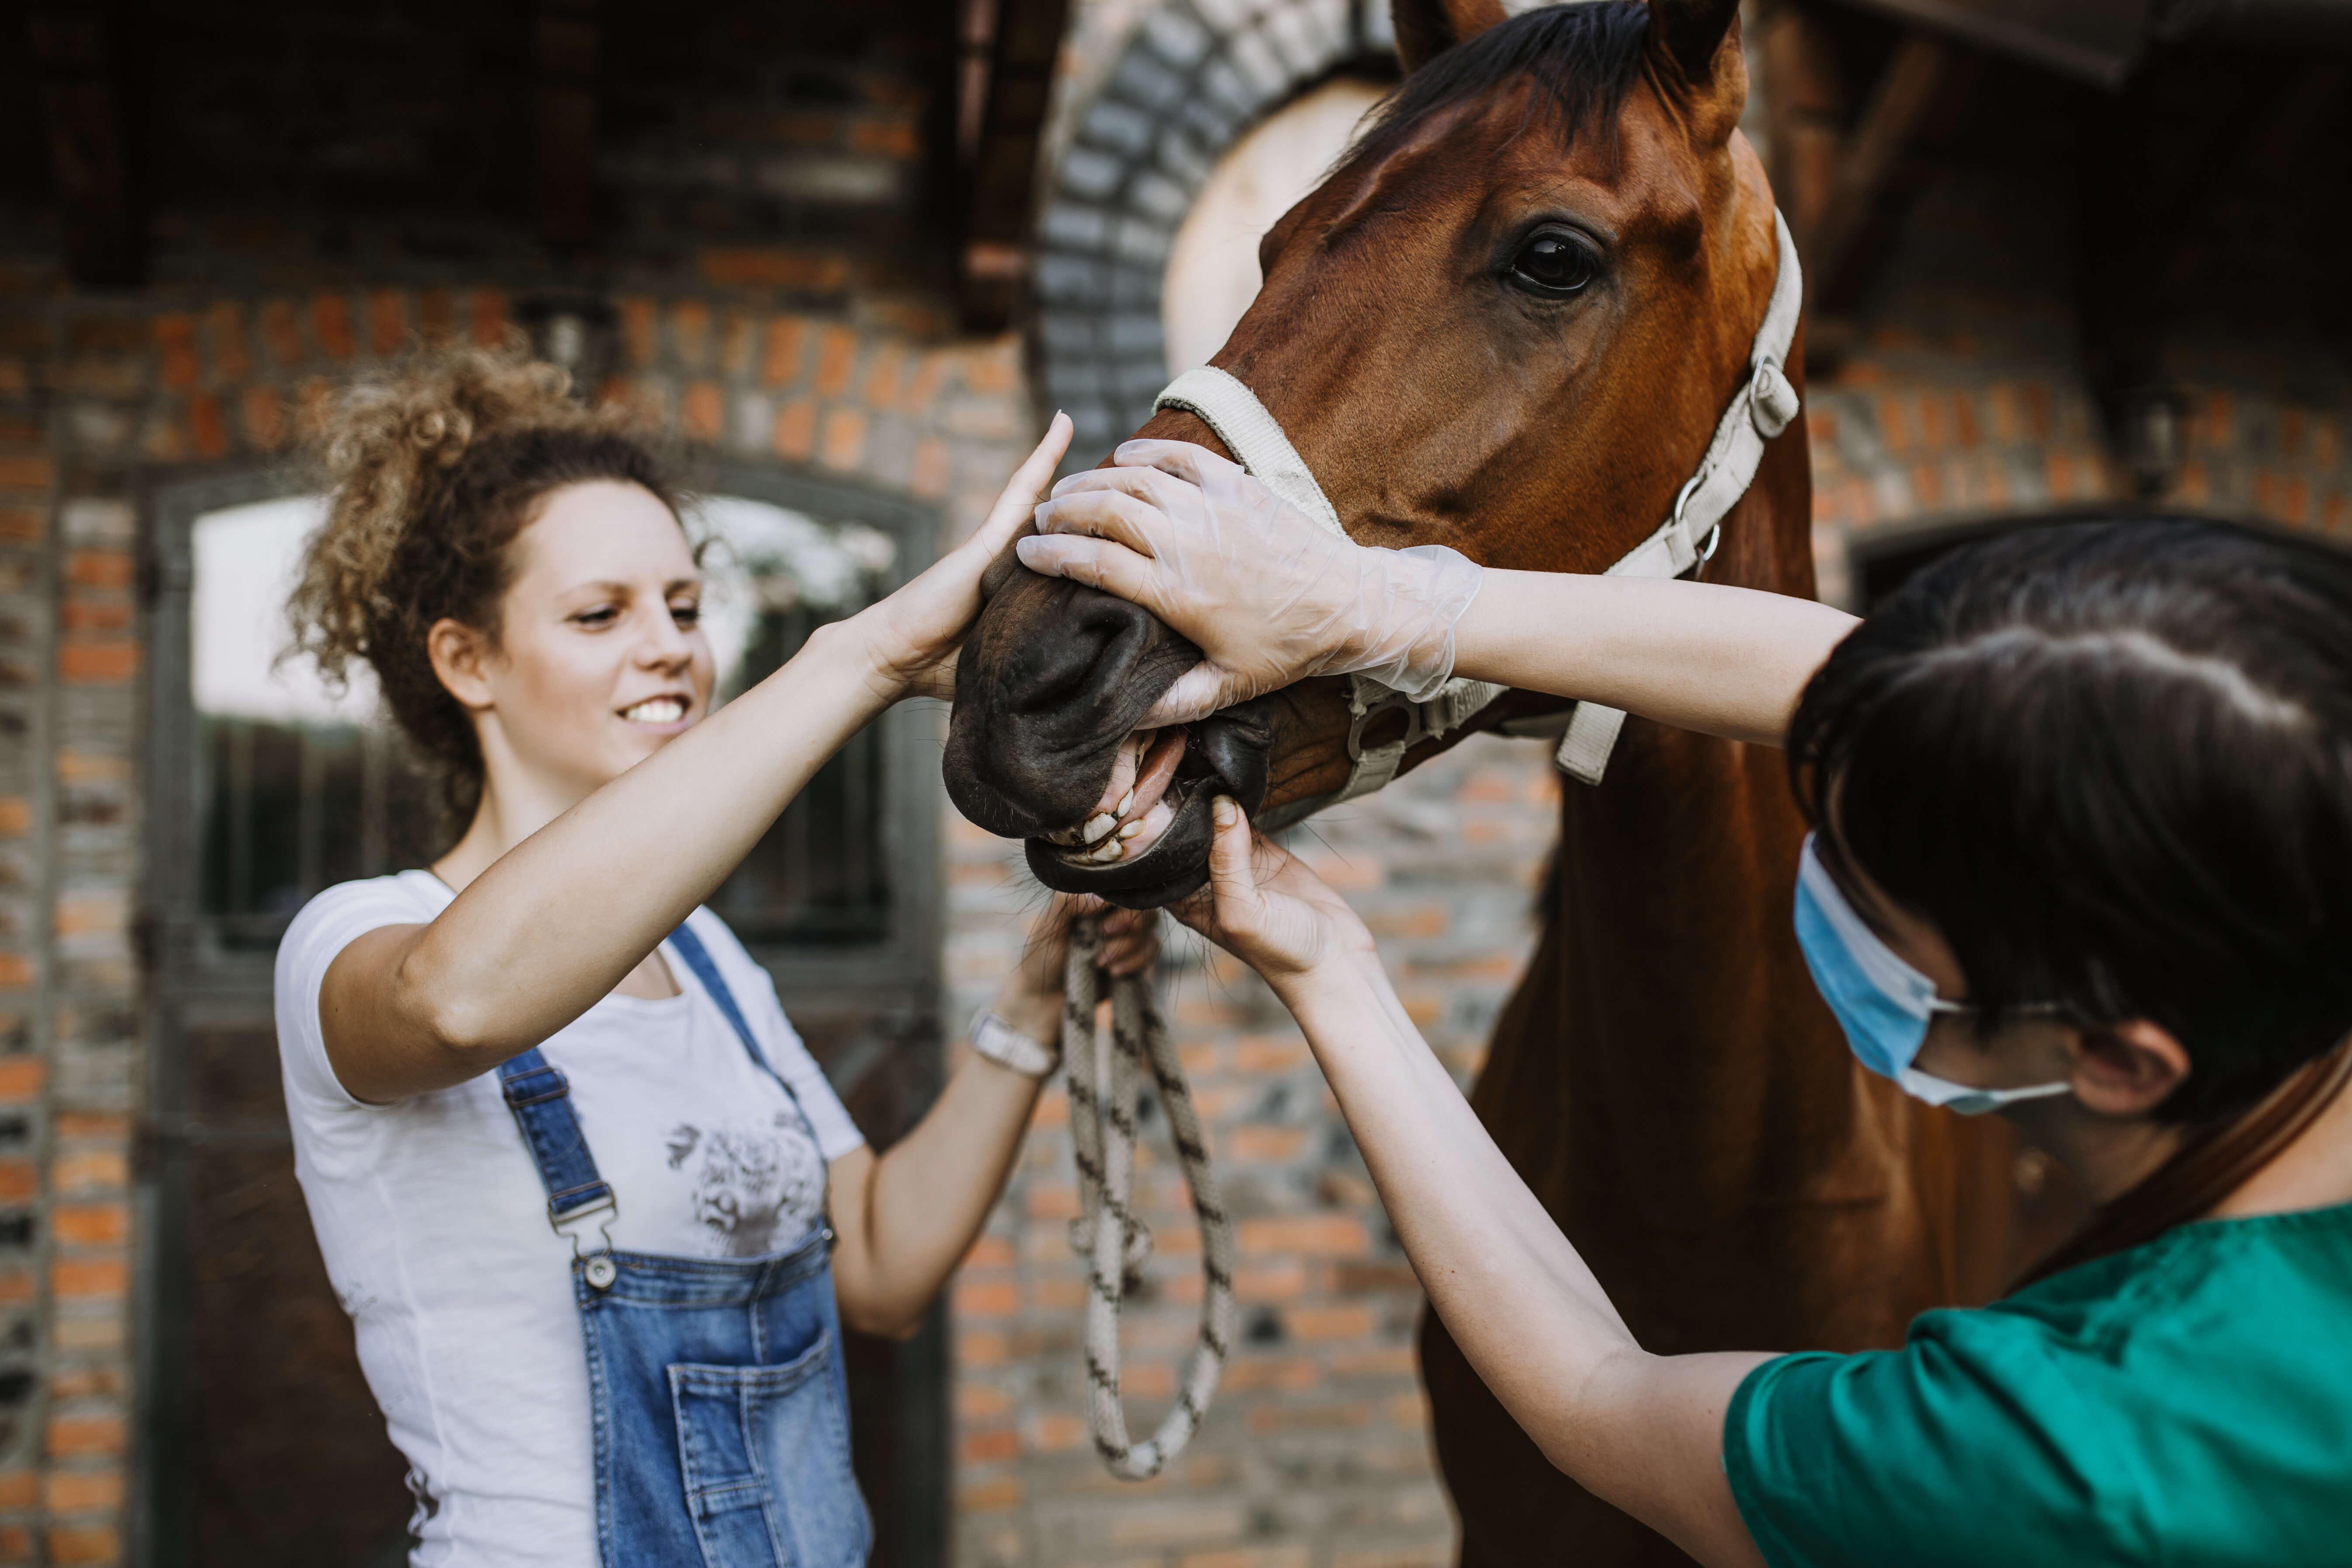 Tierarzt für Pferde bei der Untersuchung der Zähne eines Pferdes; Beispiel, warum eine Pferde Op Versicherung nötig werden kann